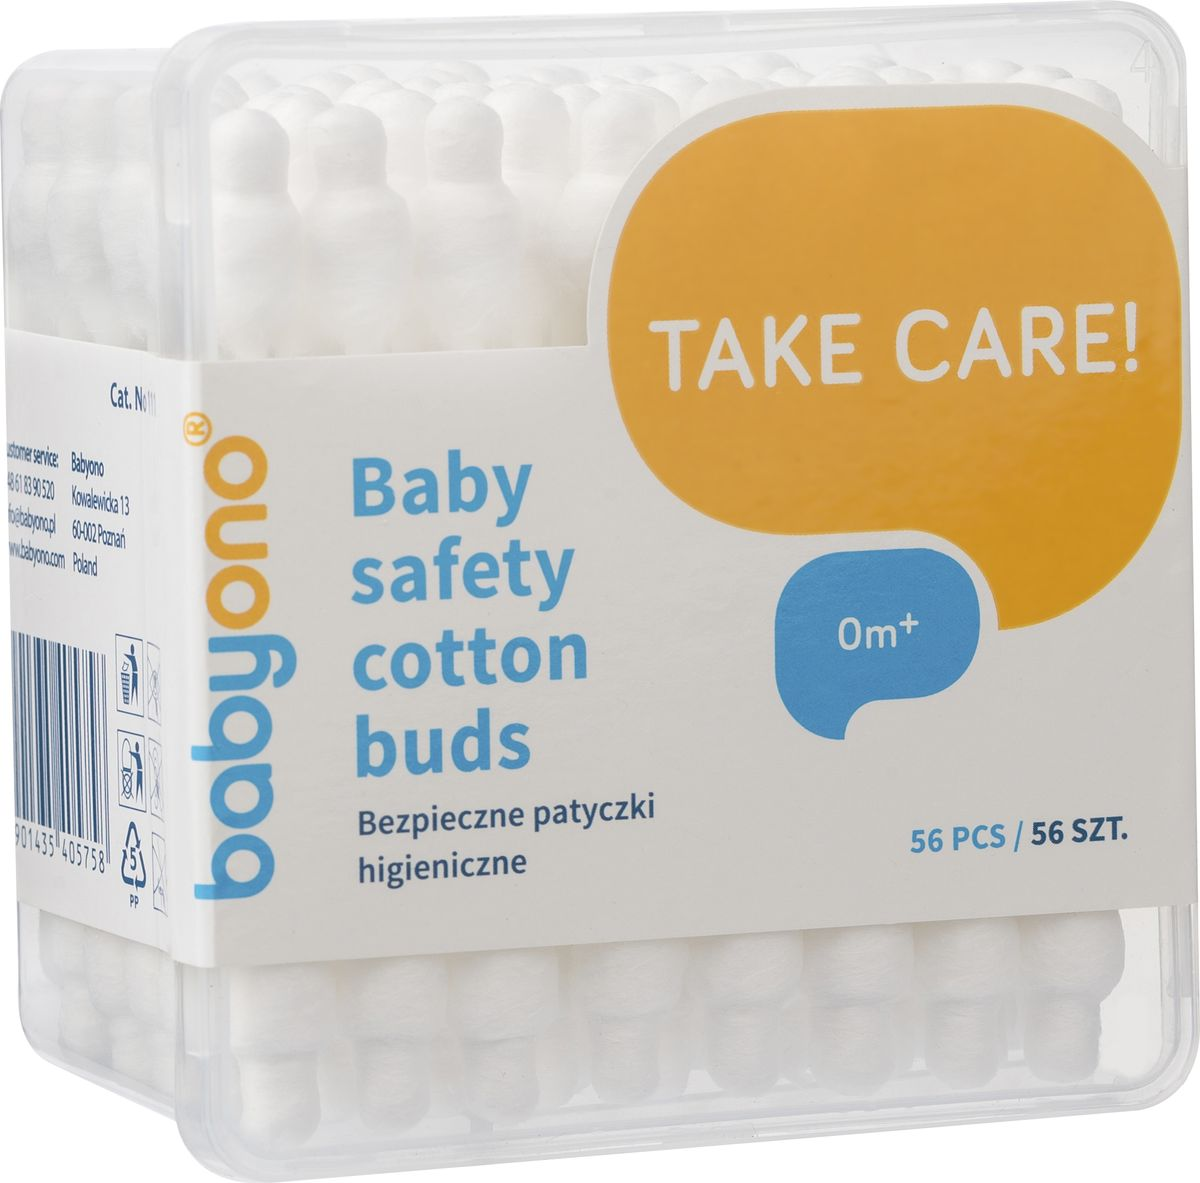 BabyOno Ватные палочки с ограничителем 56 шт28032022Детские ватные палочки от BabyOno идеально подходят для гигиены вашего малыша. Каждая палочка имеет ограничитель, для дополнительной безопасности при использовании, плотную намотку, которая изготовлена изнатурального хлопка. Подходят для использования спервых дней жизни.